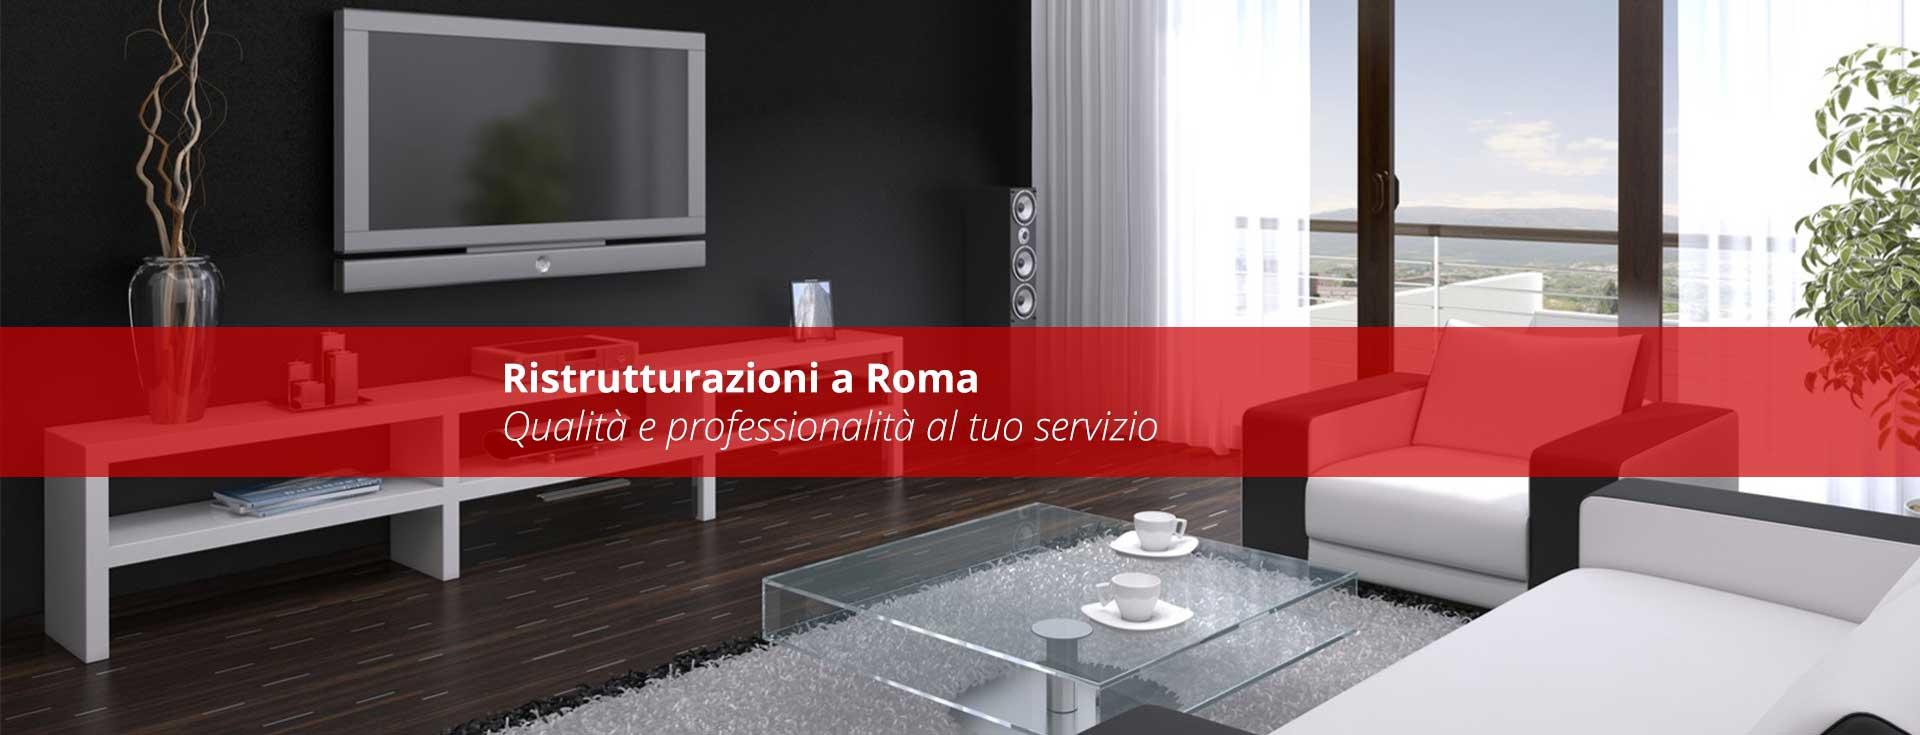 Impresa edile roma ristrutturazioni bagni e cucine a ostia for Ristrutturazioni interni roma